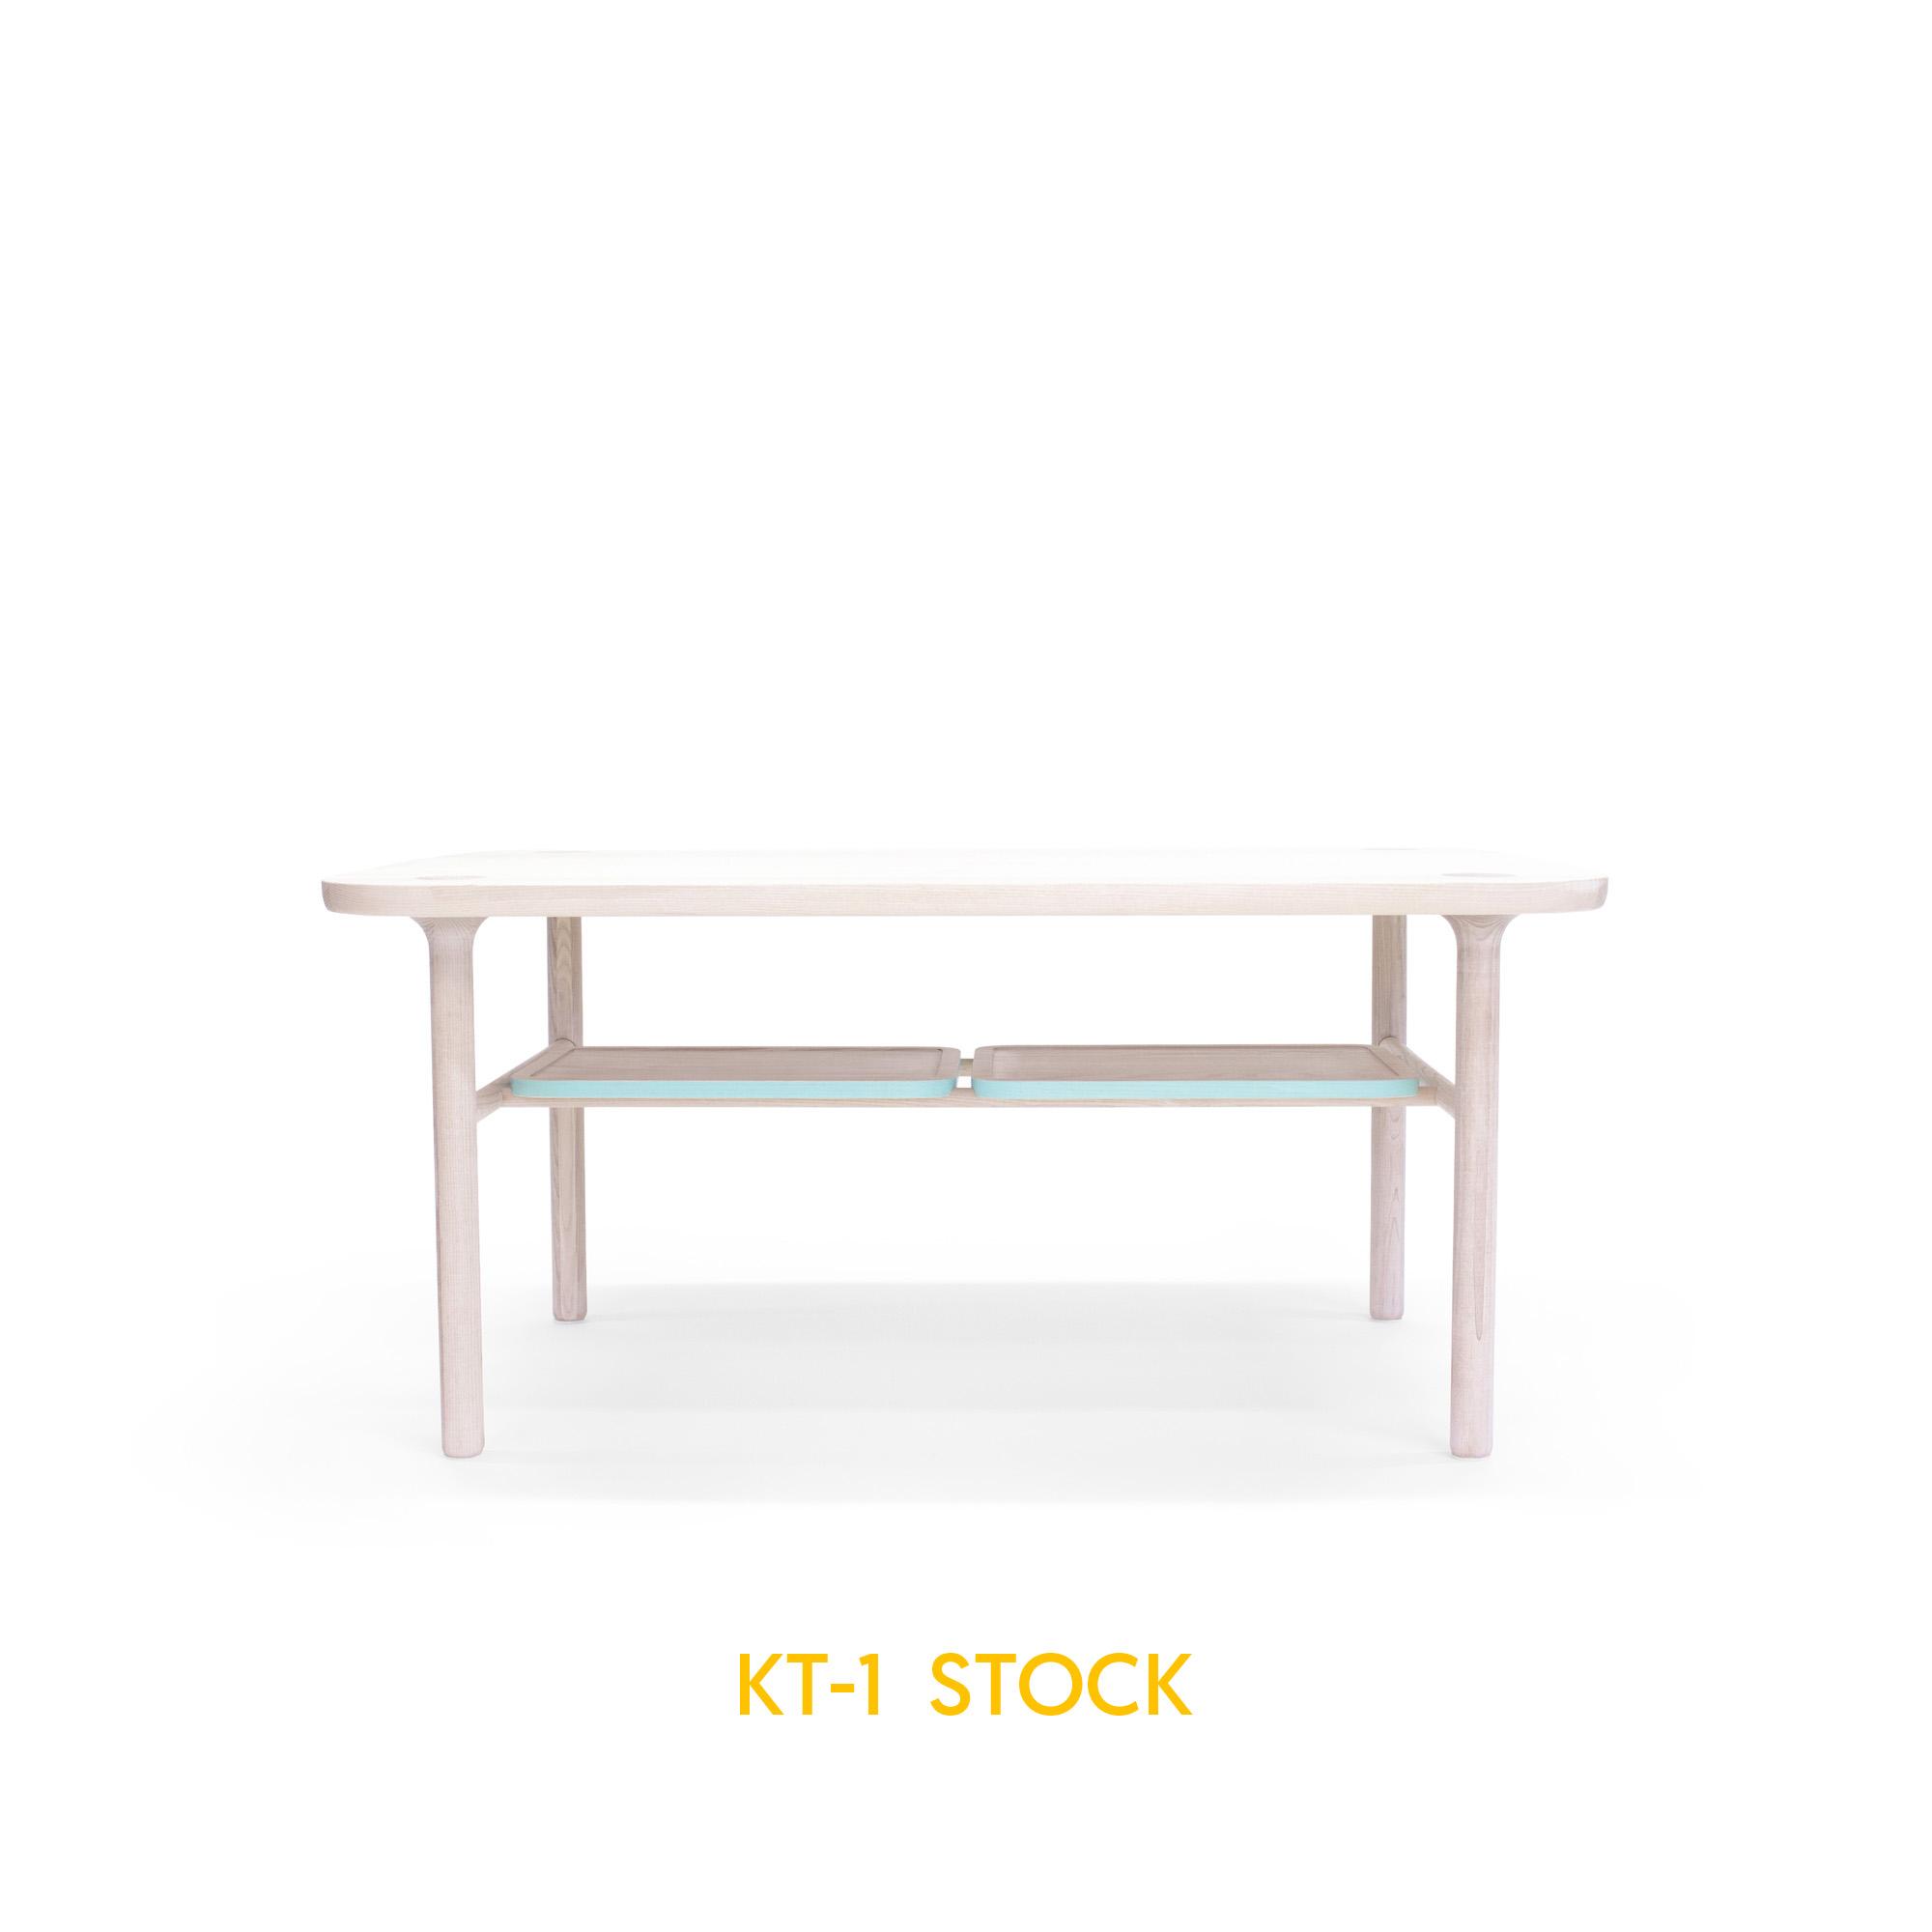 KT-1 STOCK.jpg